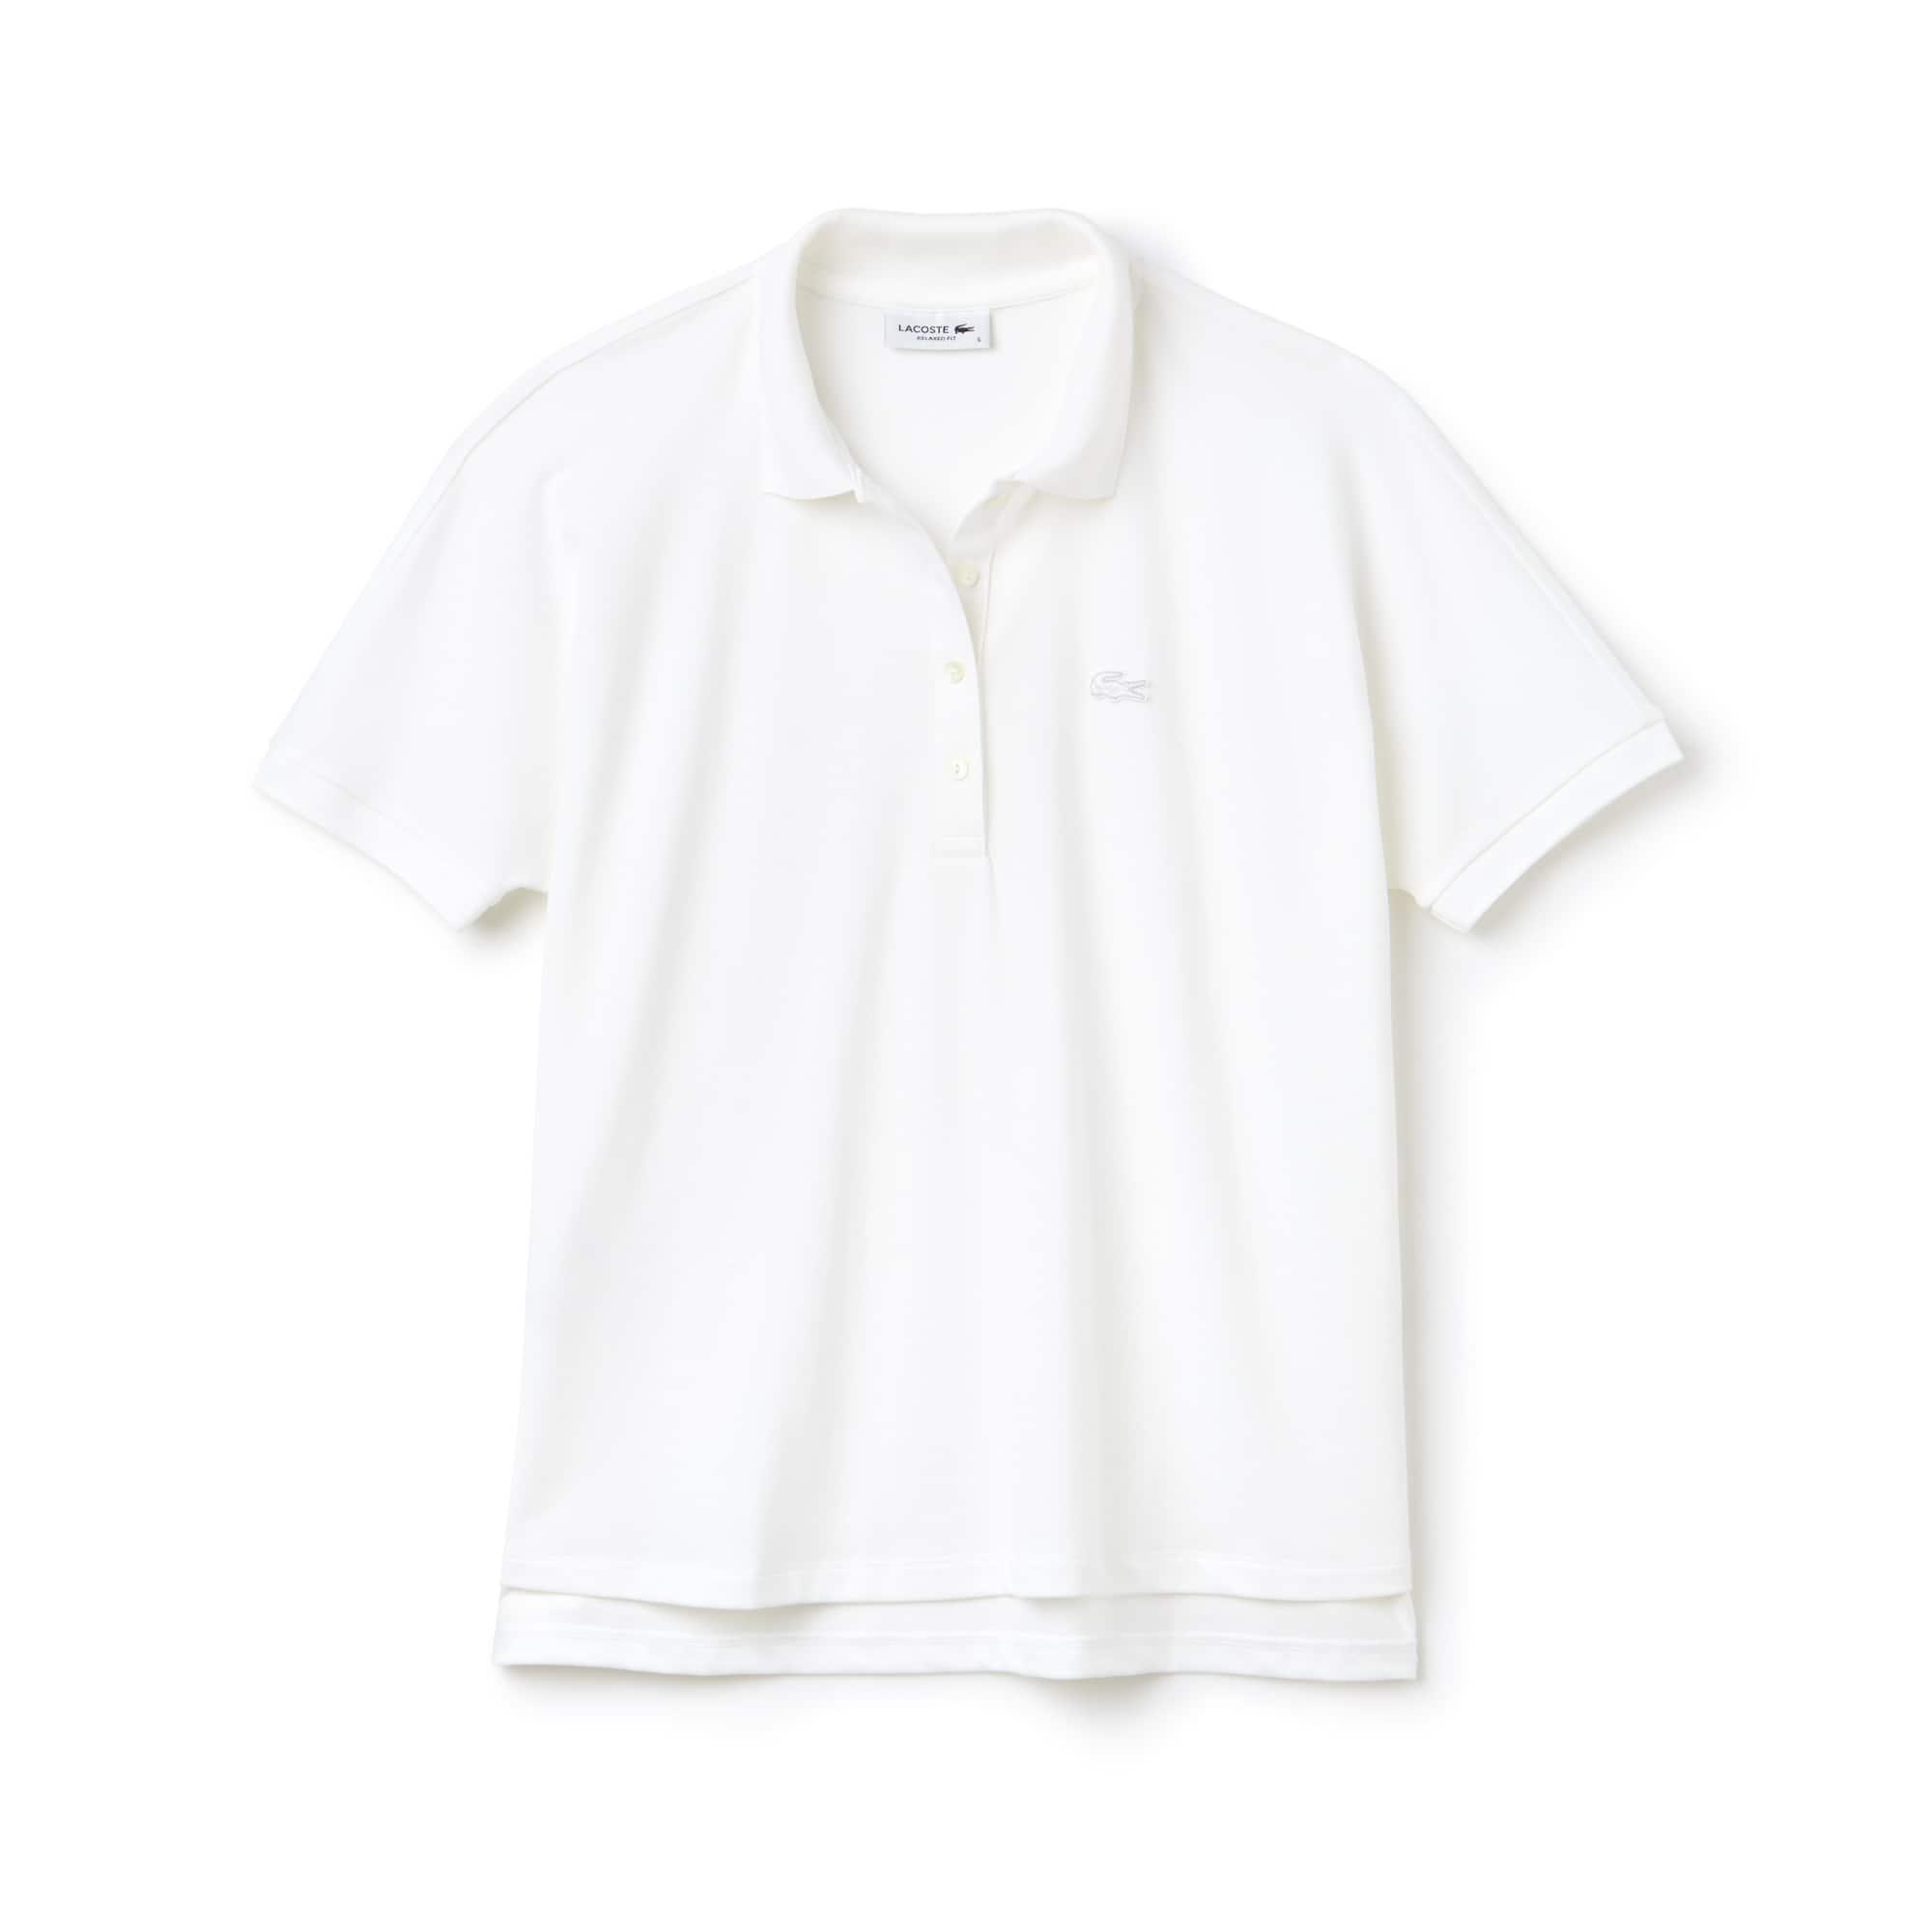 라코스테 반팔 카라티 Lacoste Womens Modern Fit Flowing Stretch Cotton Pique Polo,white